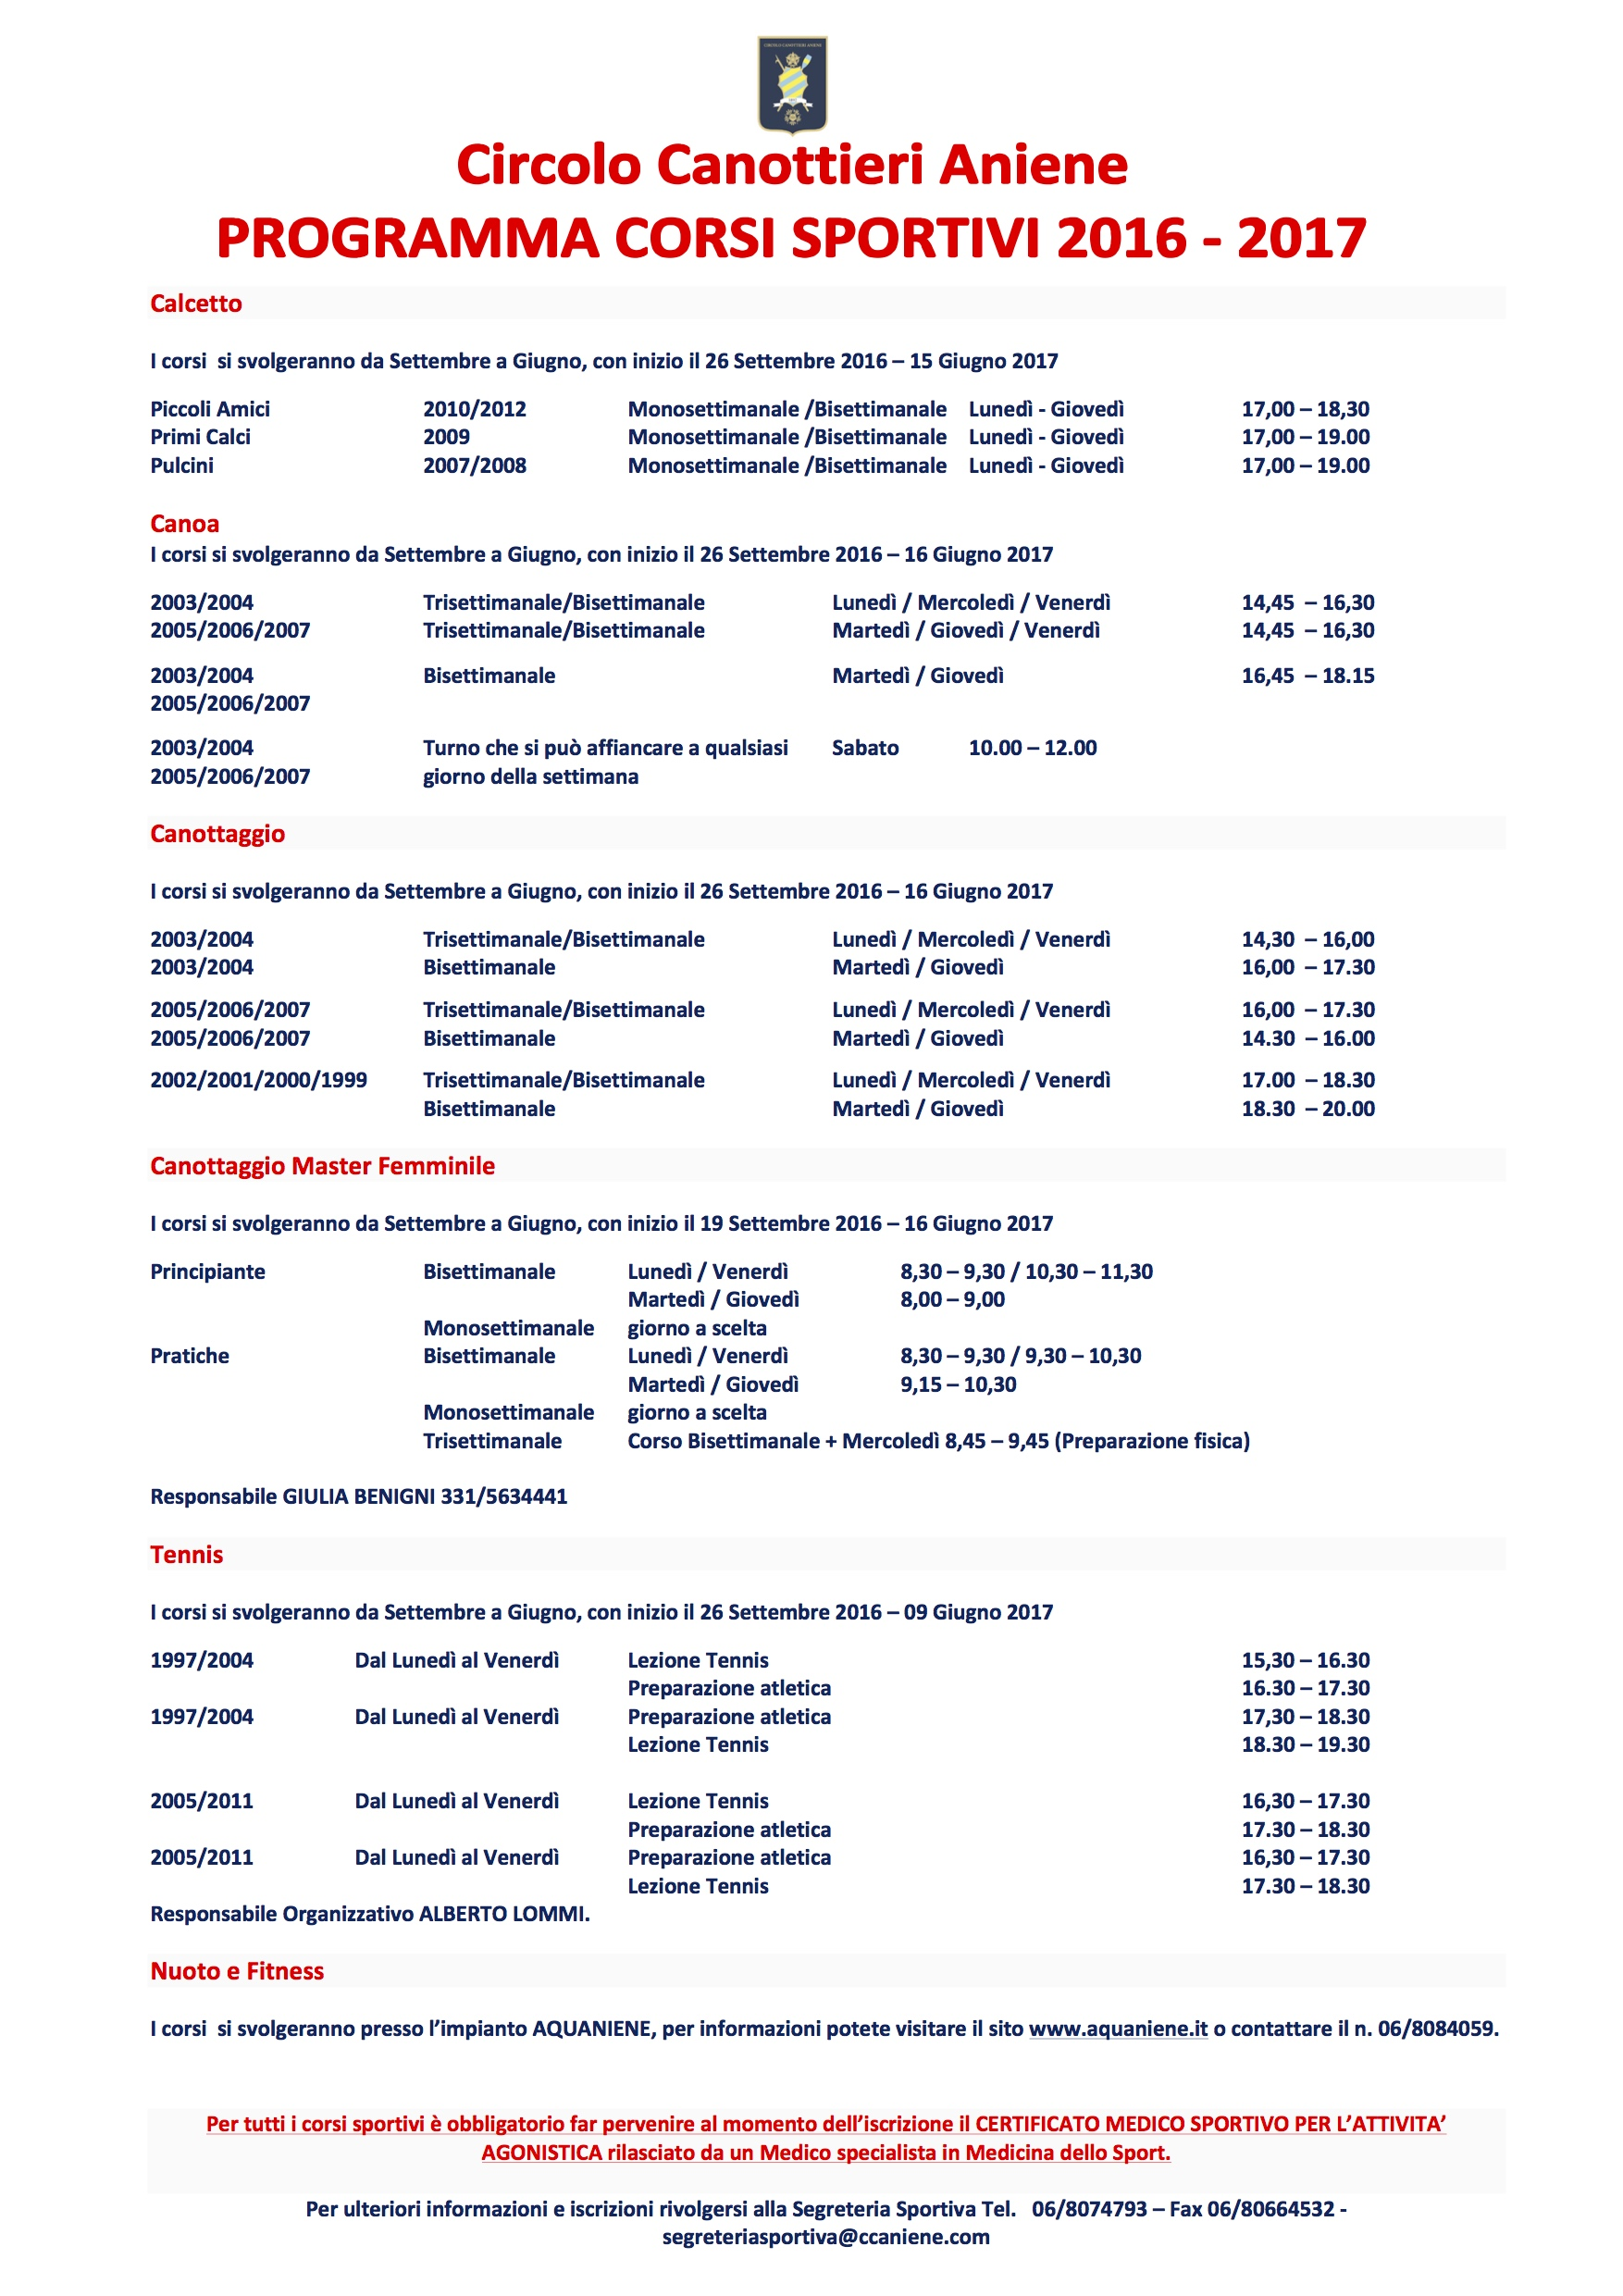 cartello-per-corsi-sportivi-2016-2017-5